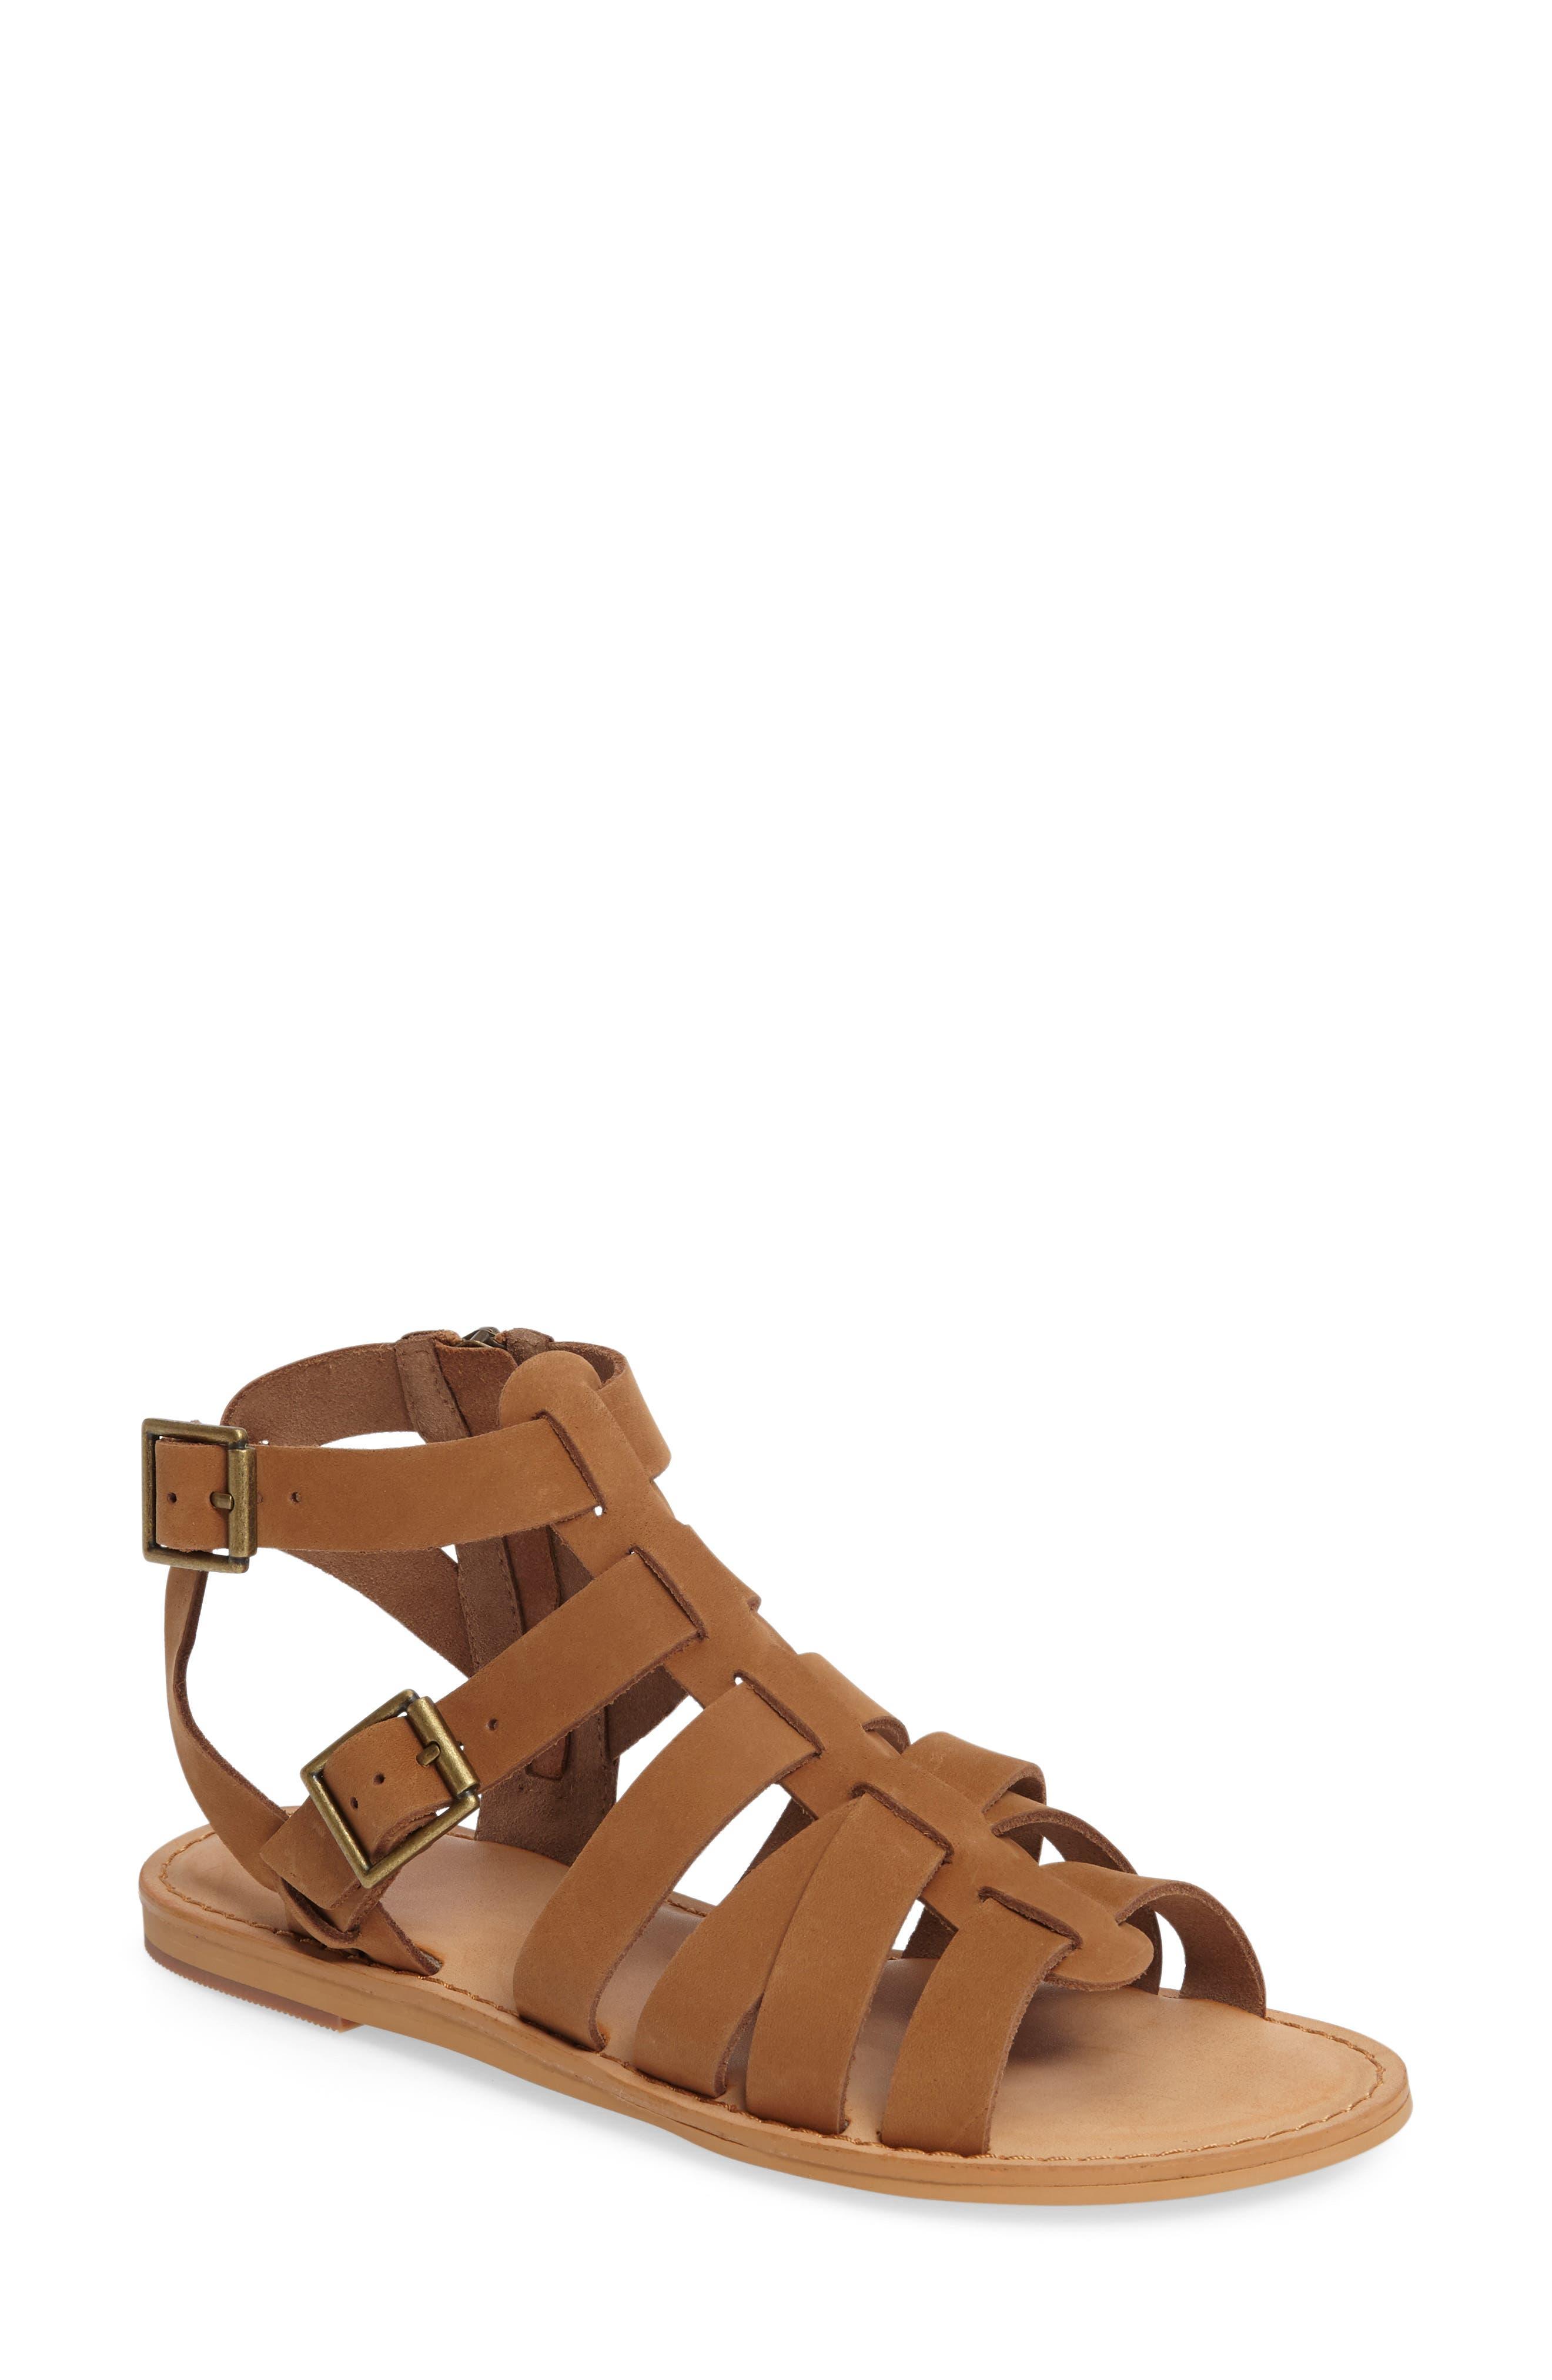 Main Image - BP. Britt Gladiator Sandal (Women)